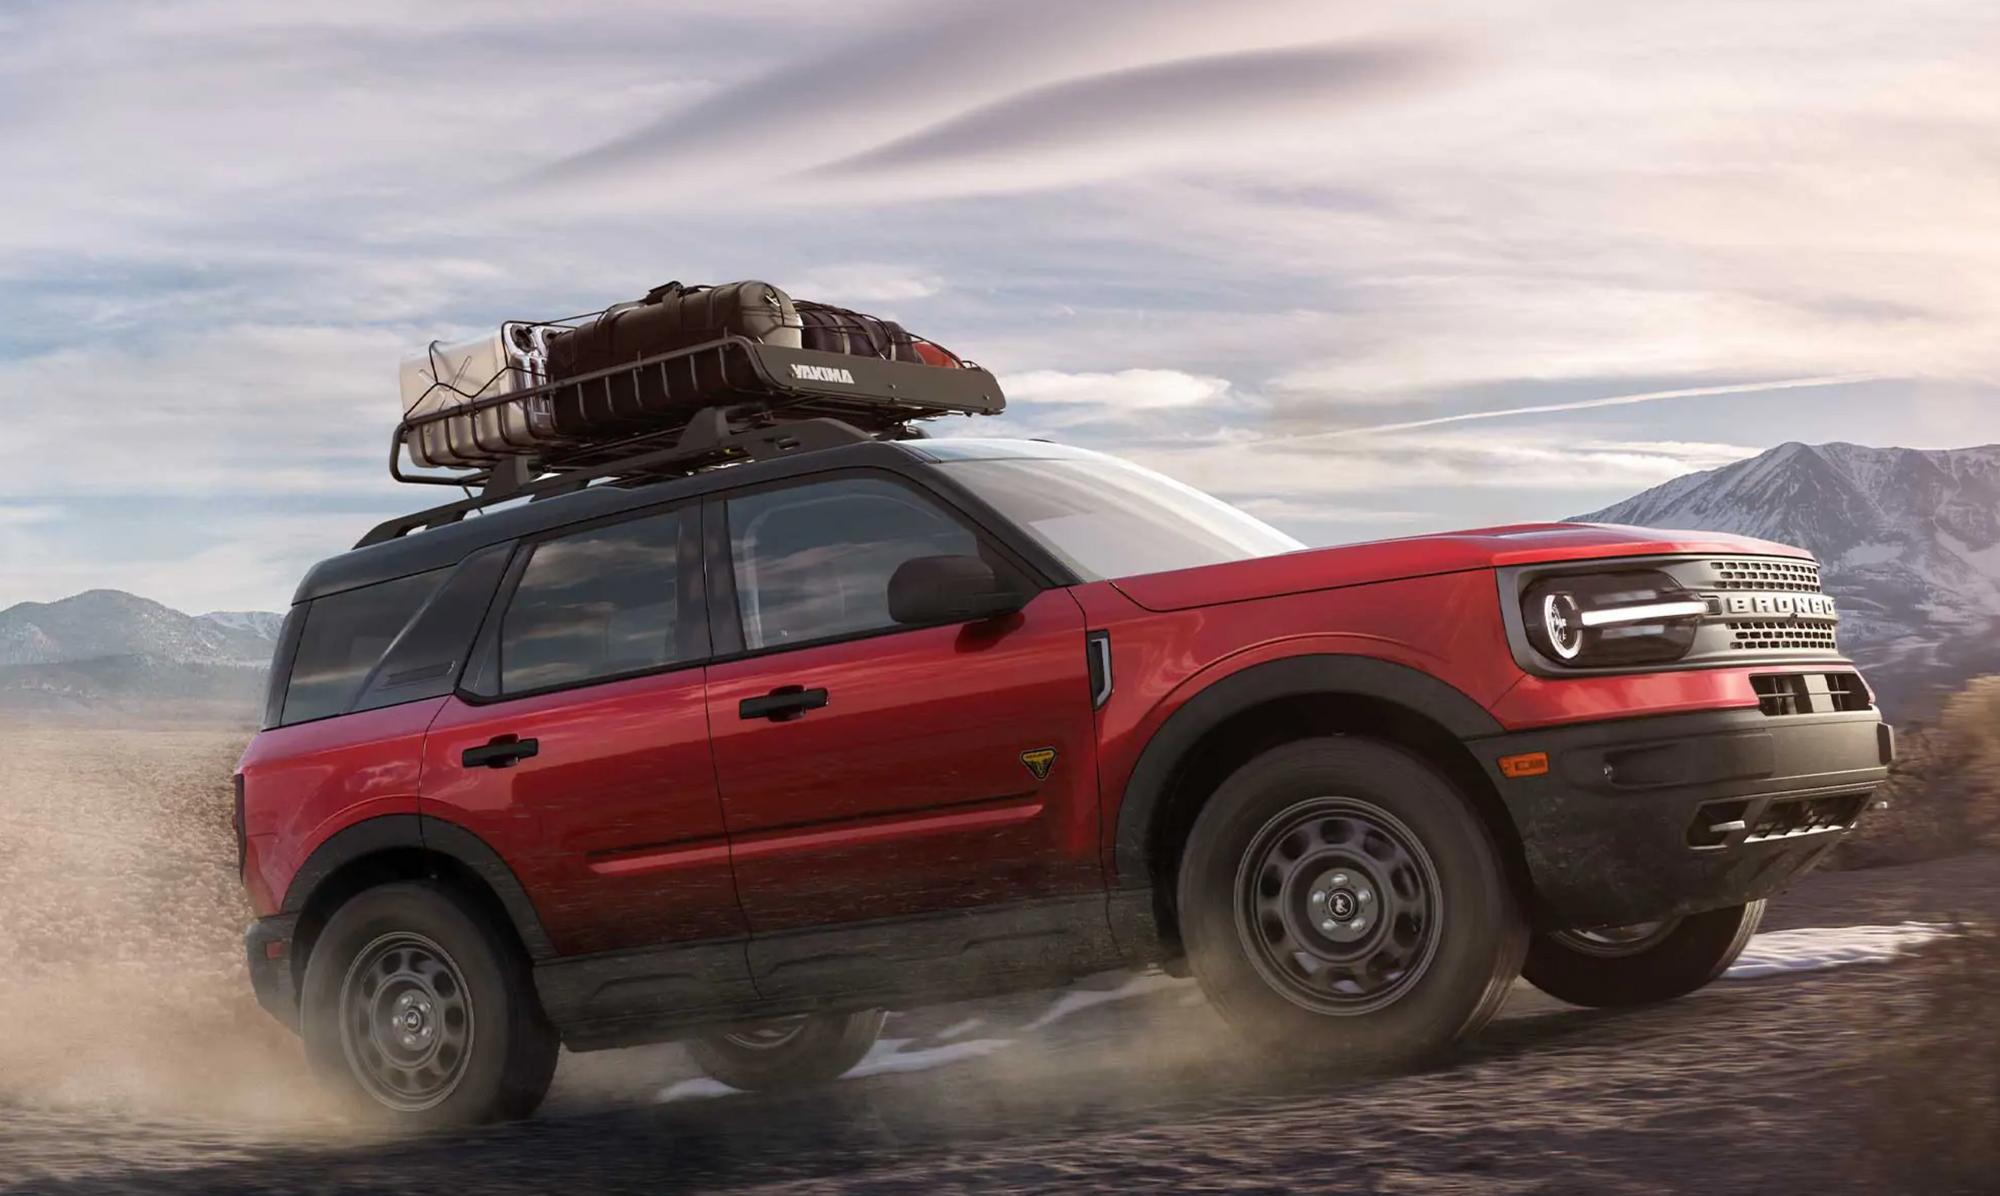 """<img src=""""bronco-sport.png"""" alt=""""The 2021 Ford Bronco 'Sport' model"""">"""